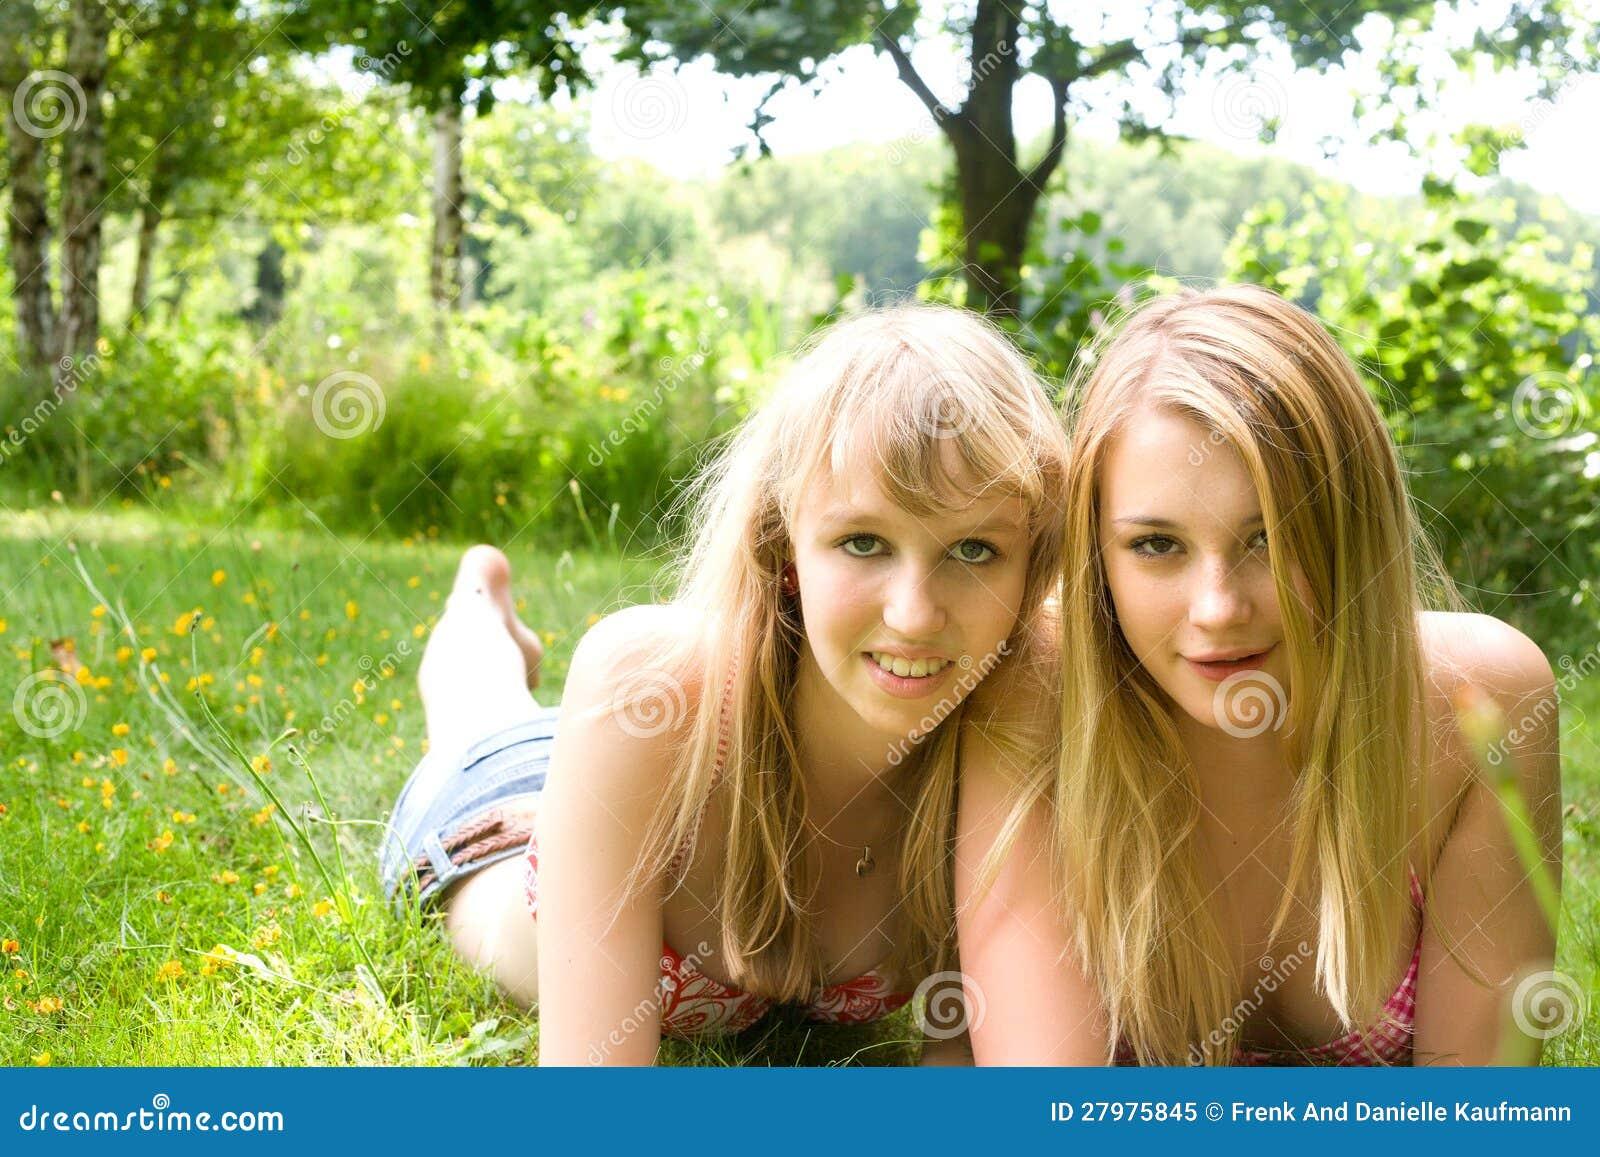 2 muchachas felices foto de archivo libre de regal as imagen 27975845 - Tiener meisje foto ...